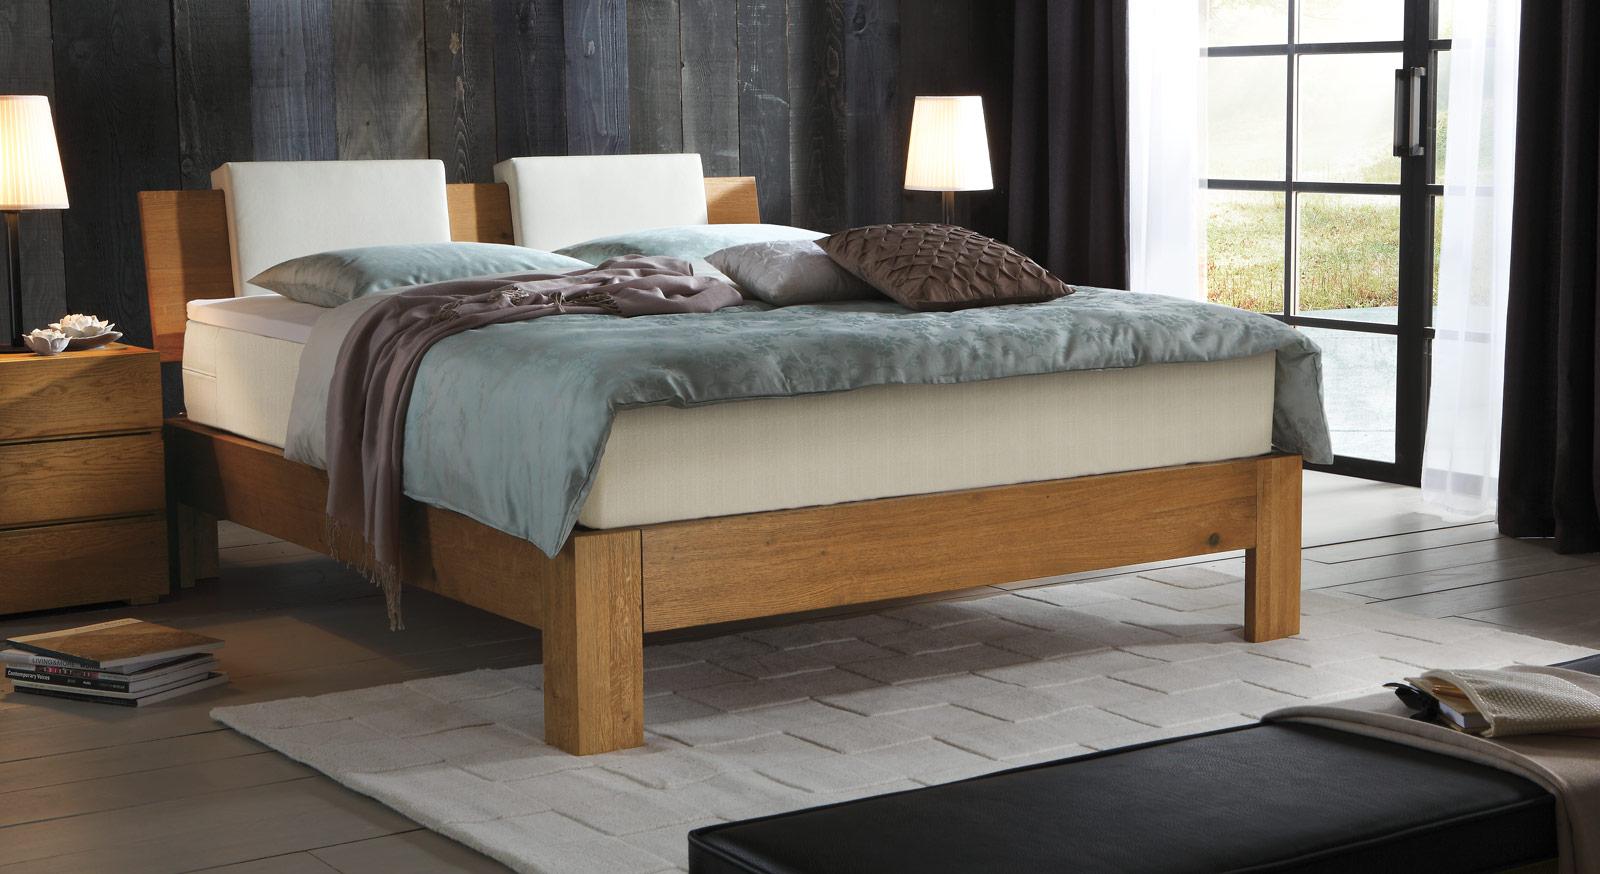 Full Size of Boxspringbett Kingston Aus Massivholz In Eiche Bettende Bett Betten.de